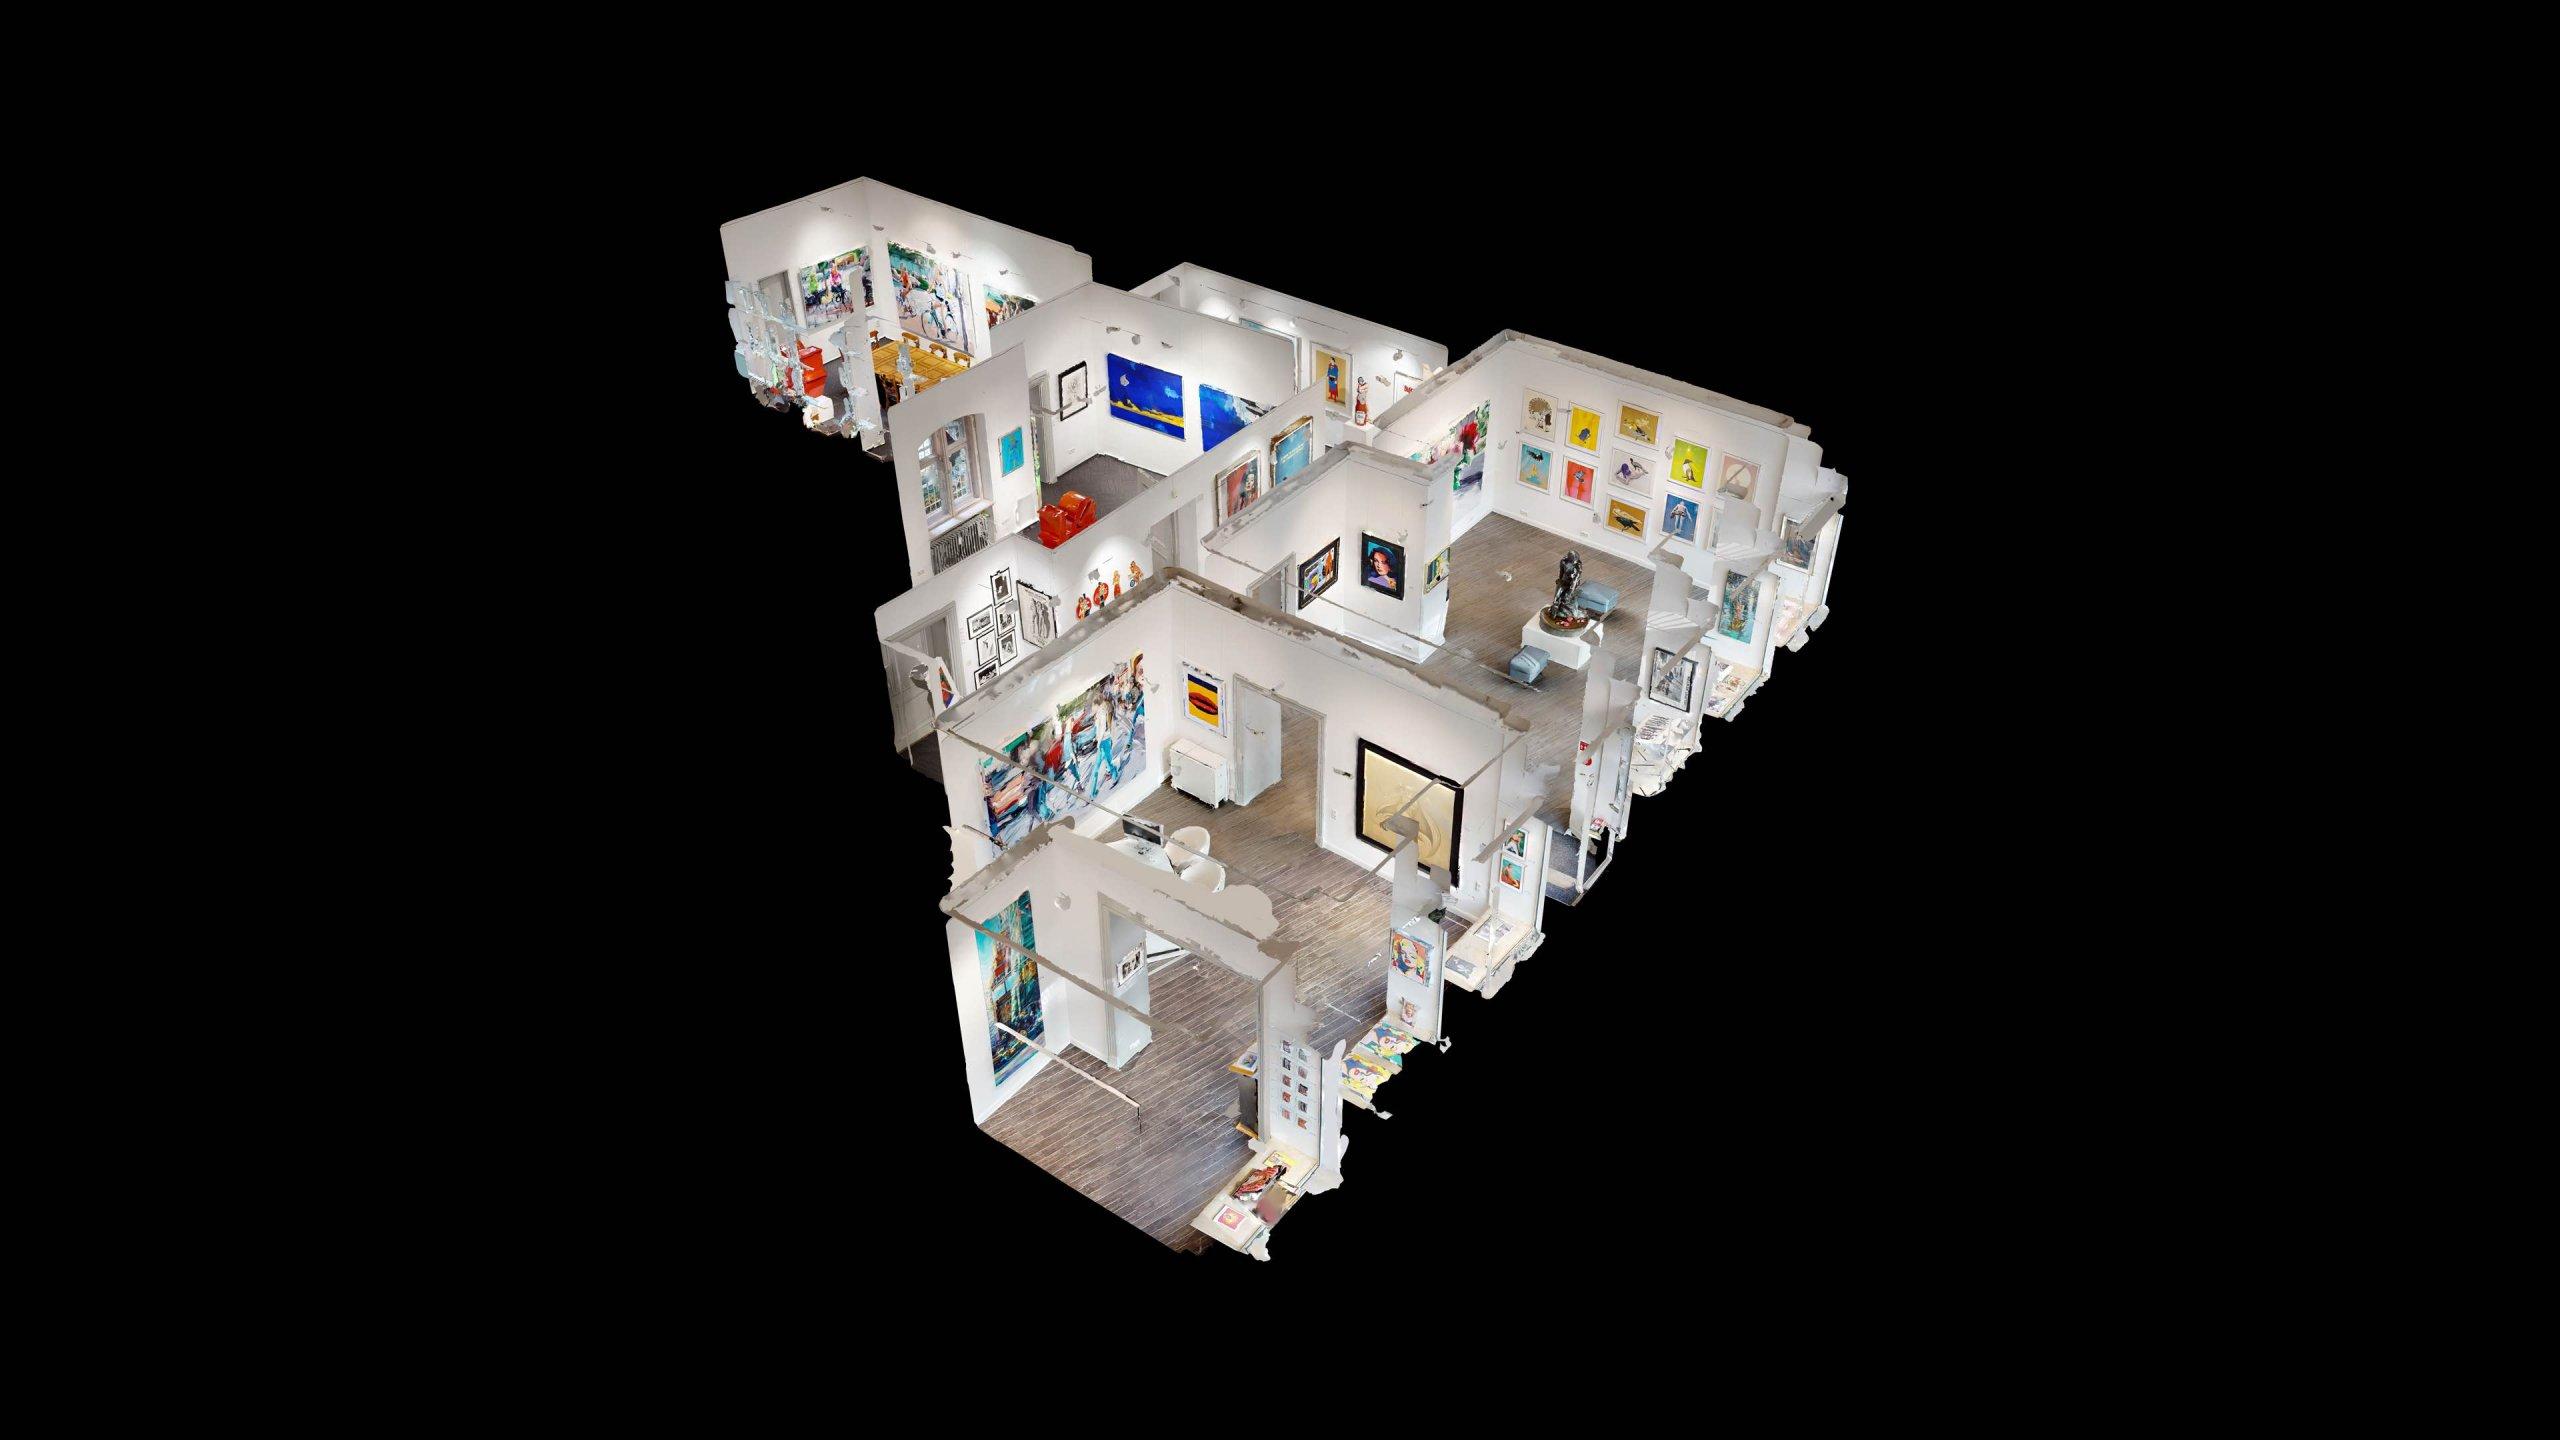 Dollhouse-Modell für die Galerie Baumgartl in München